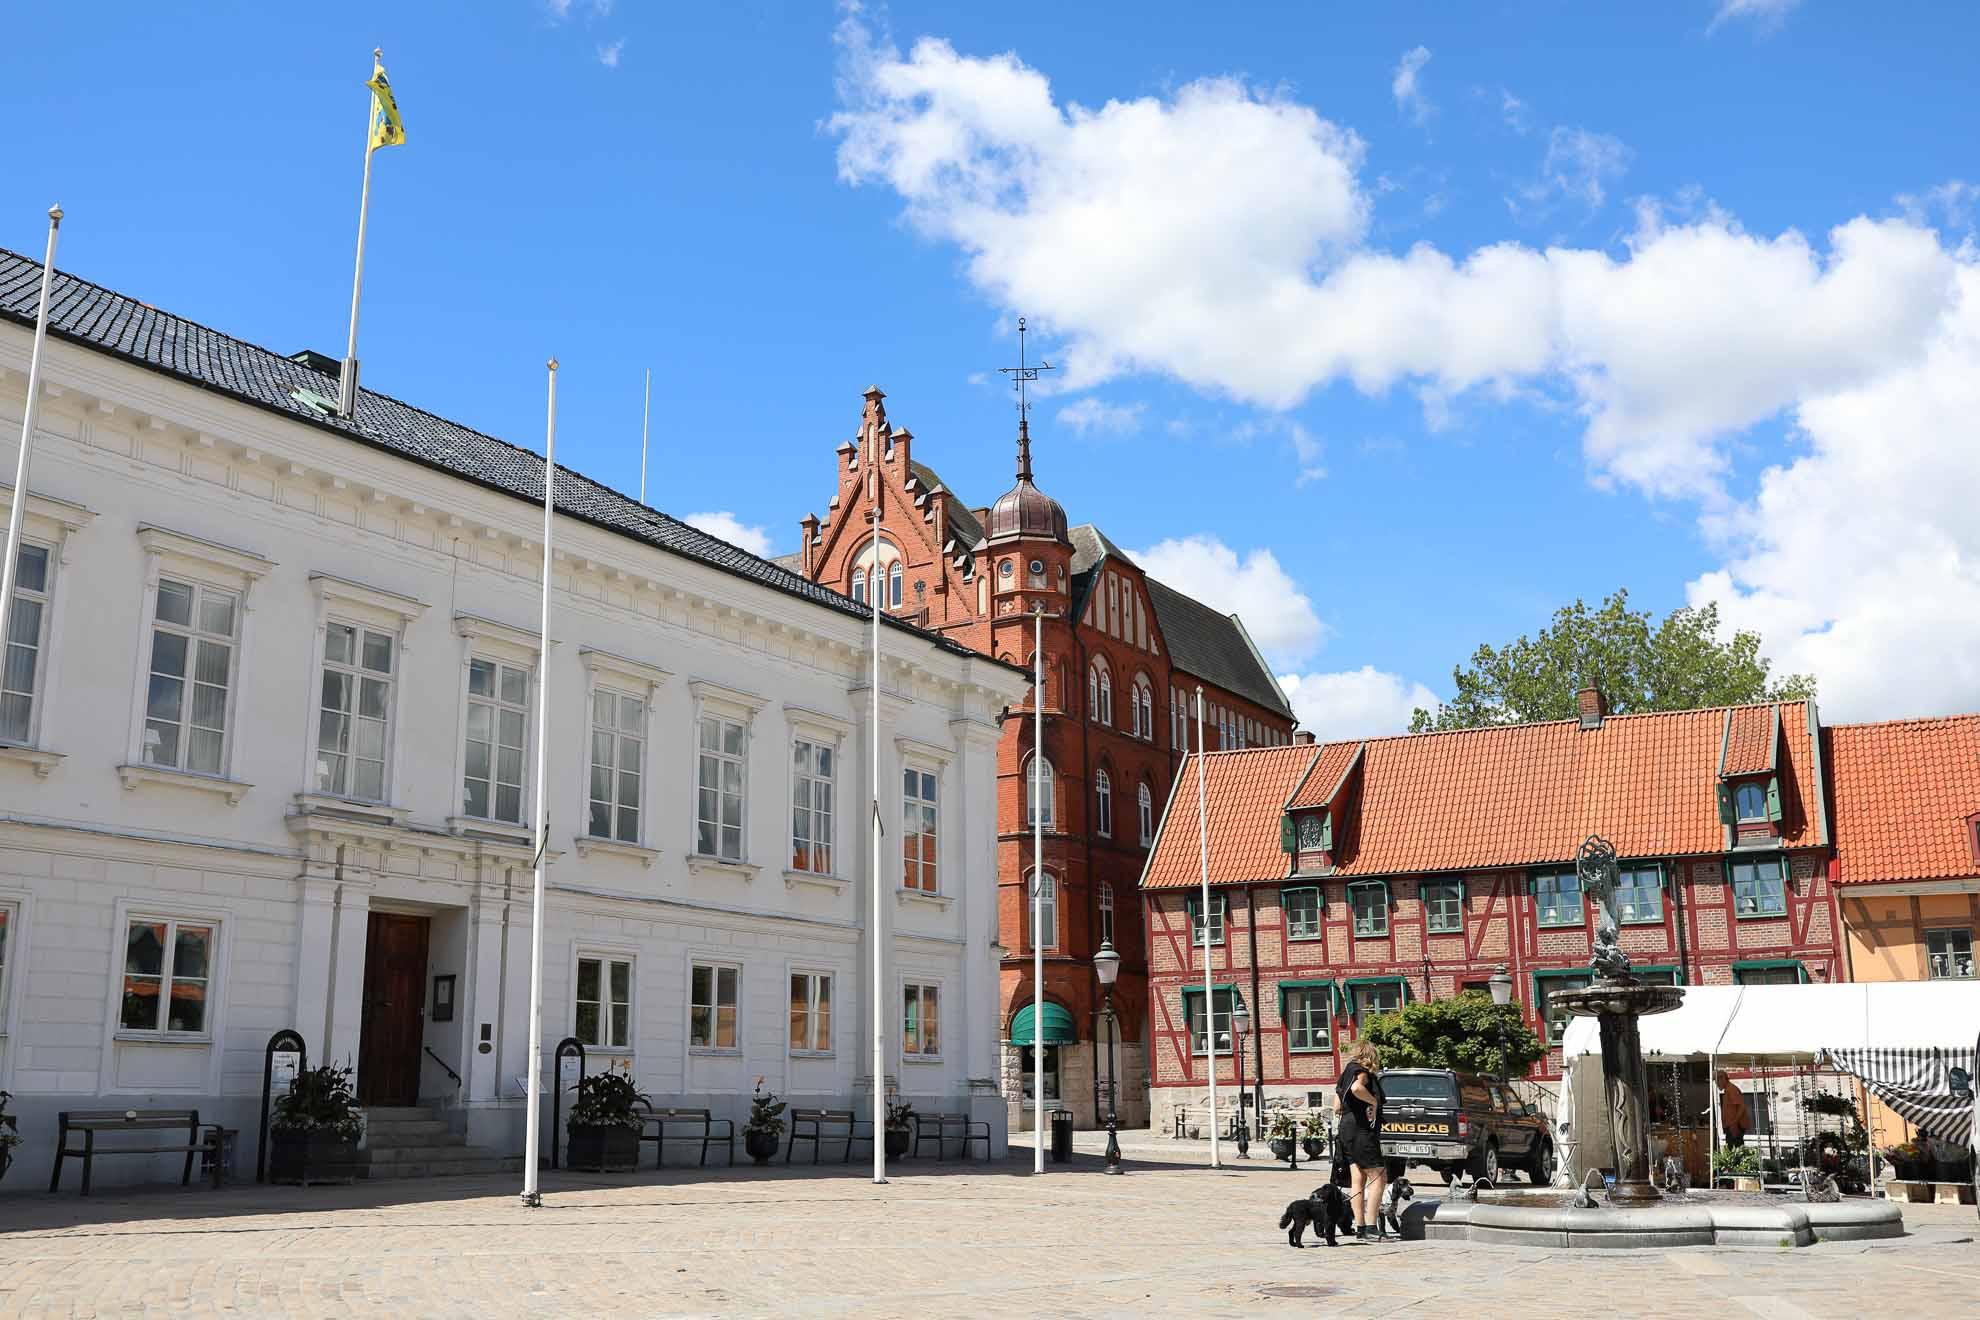 Die Kriminalromane von Henning Mankell spielen in Ystad. Auch die Originalschauplätze der Verfilmung findet man wieder